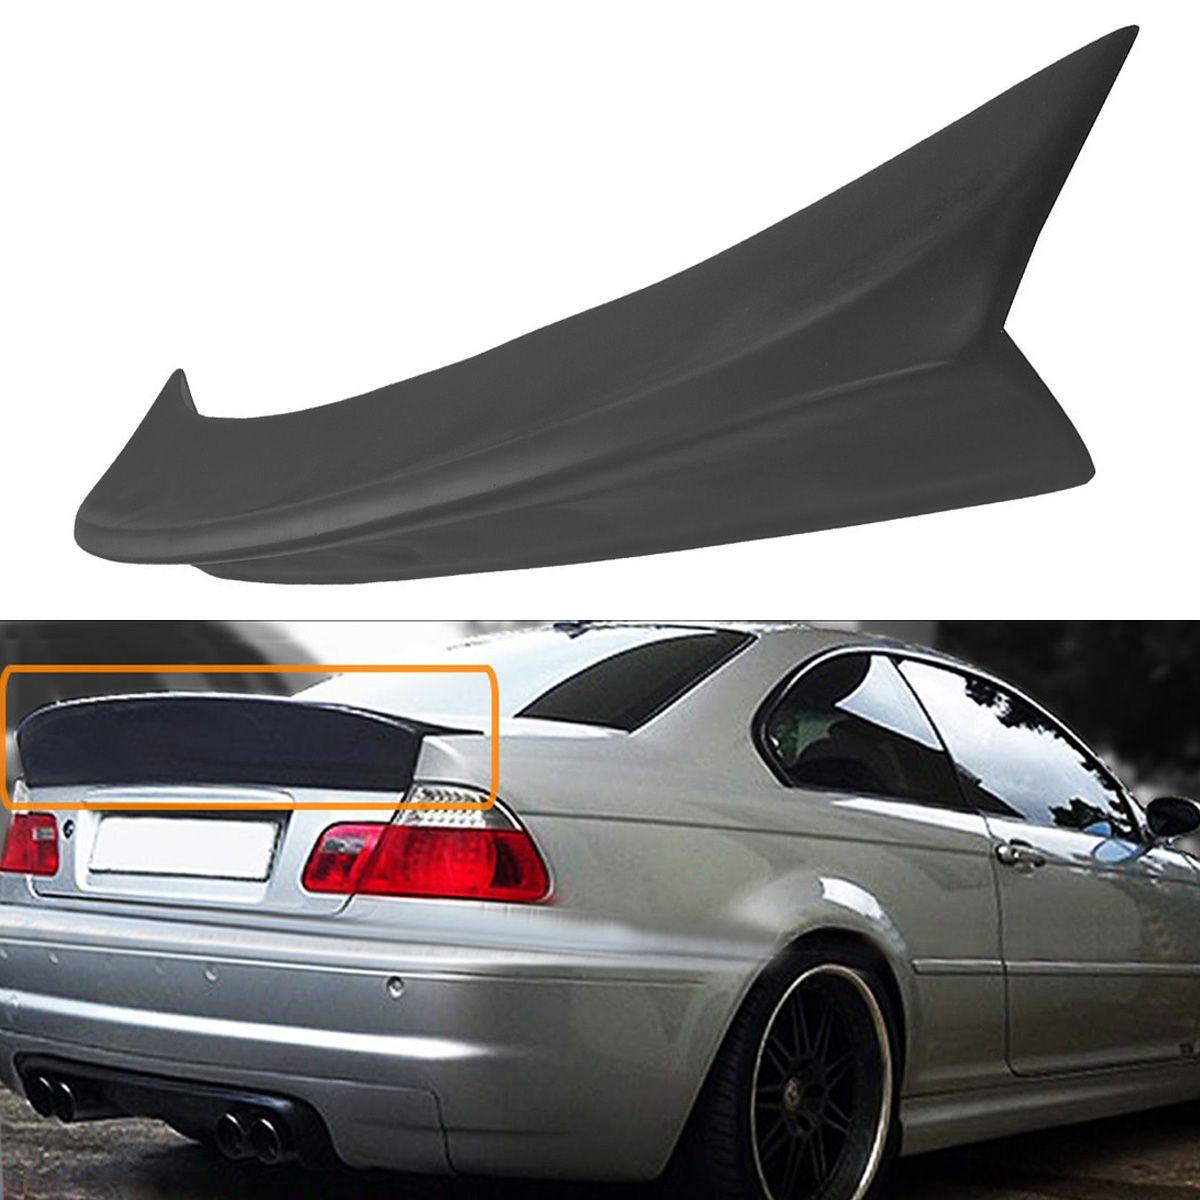 Hinten Polyurethan Stamm Entenschnabel HighKick Spoiler Flügel Deckel Spoiler für BMW E46 2DR Modell M3 CSL Stil 2001-2006 schwarz